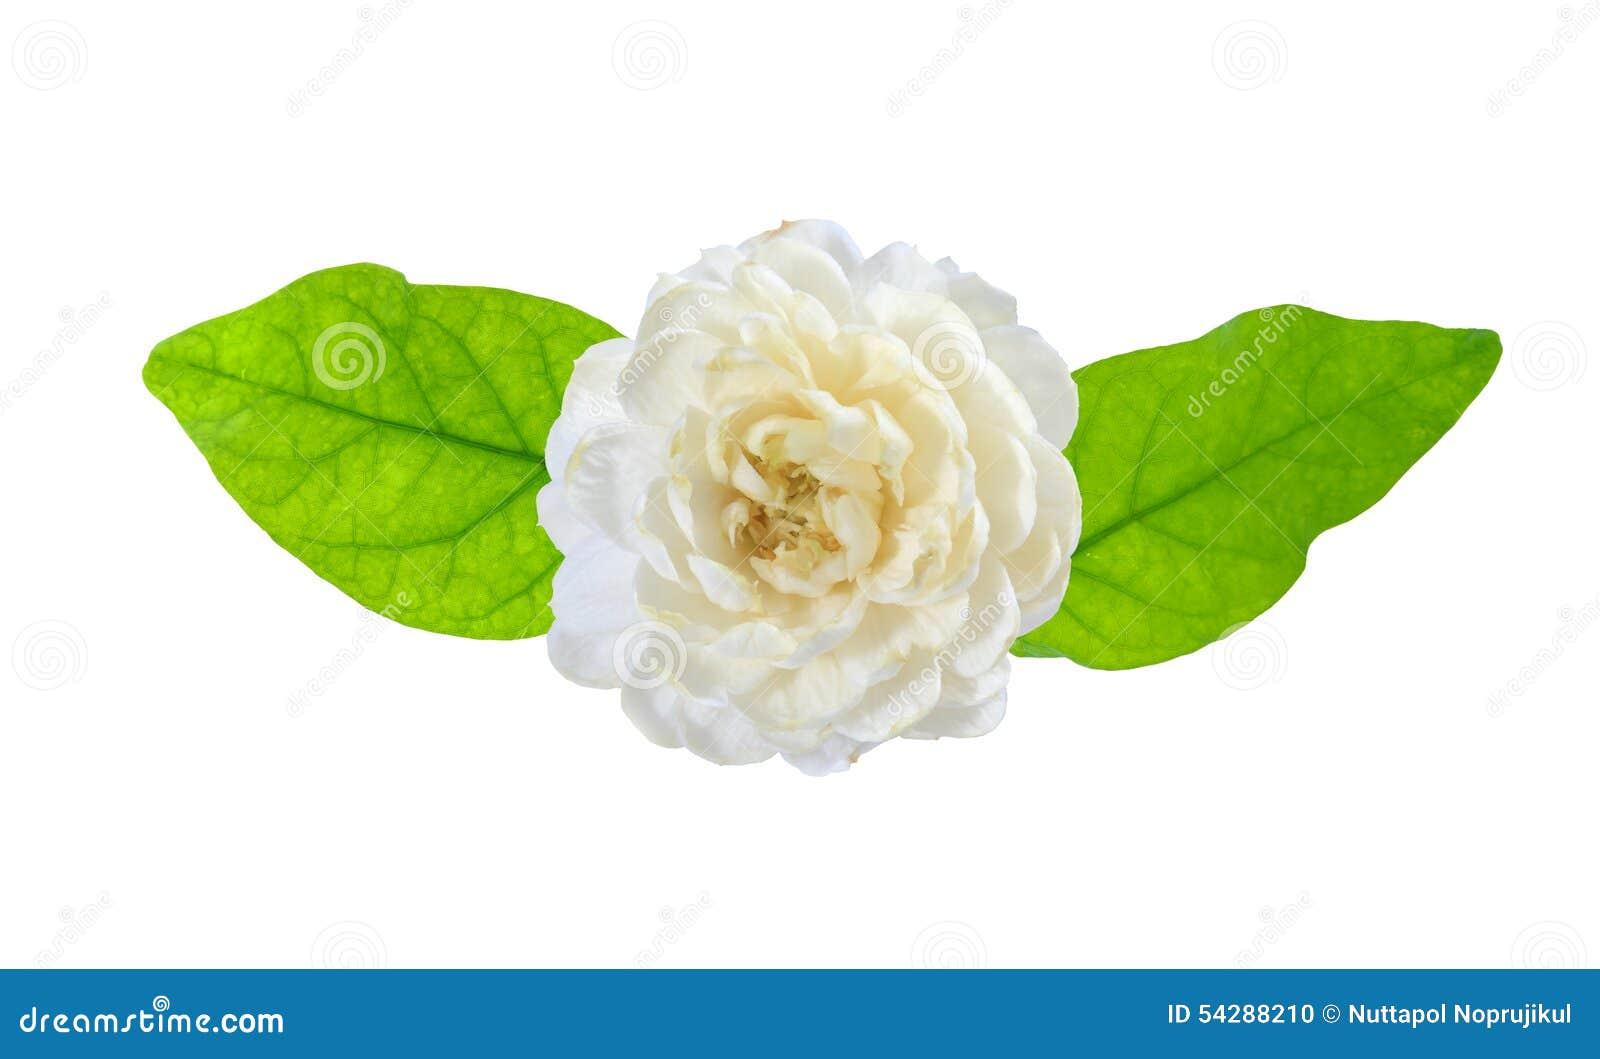 Jasmine Flower On White Background. Stock Photo - Image of buddhism ...